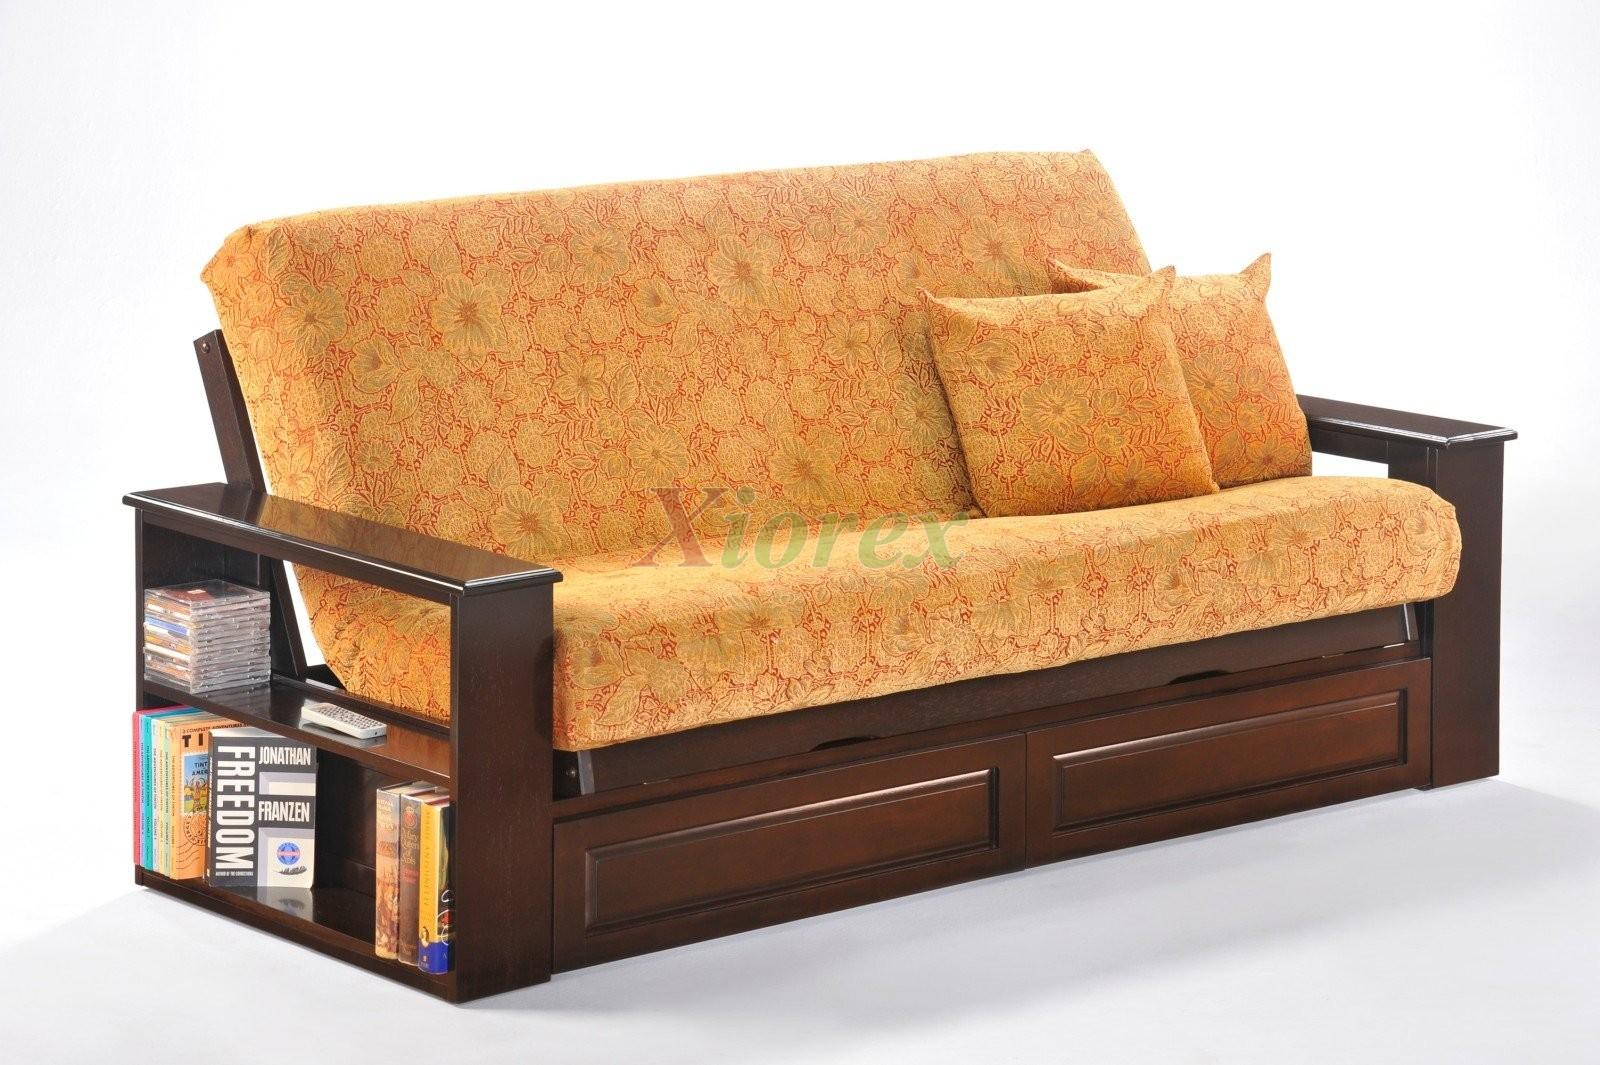 Princeton Futon Night And Day Princeton Futon Bookcase Arm